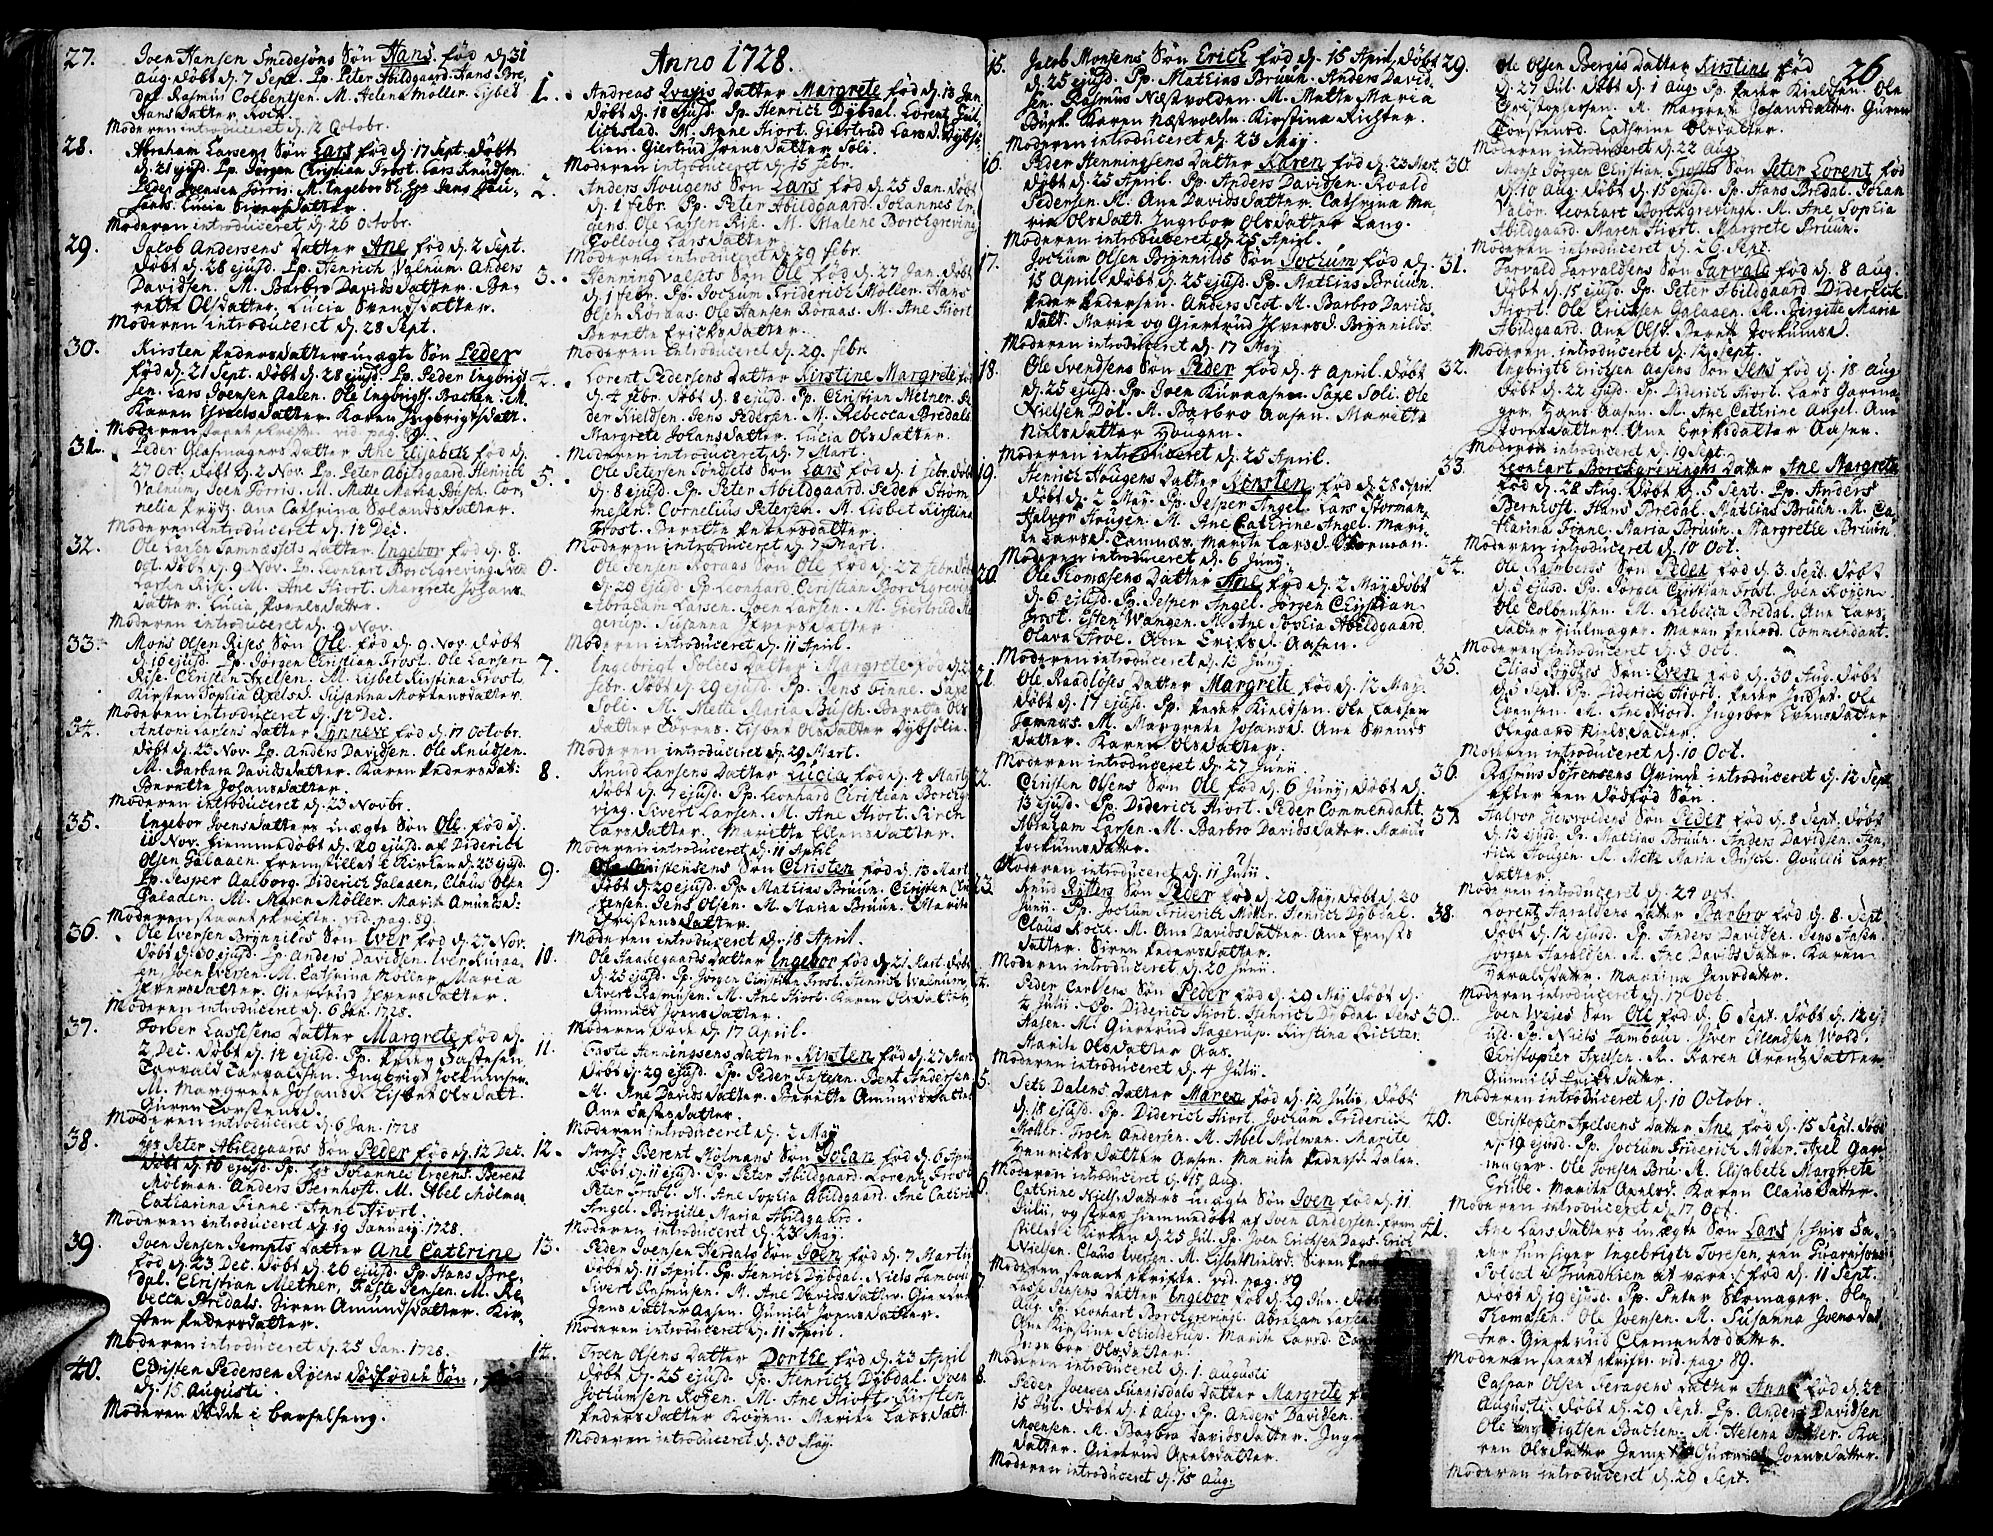 SAT, Ministerialprotokoller, klokkerbøker og fødselsregistre - Sør-Trøndelag, 681/L0925: Ministerialbok nr. 681A03, 1727-1766, s. 26